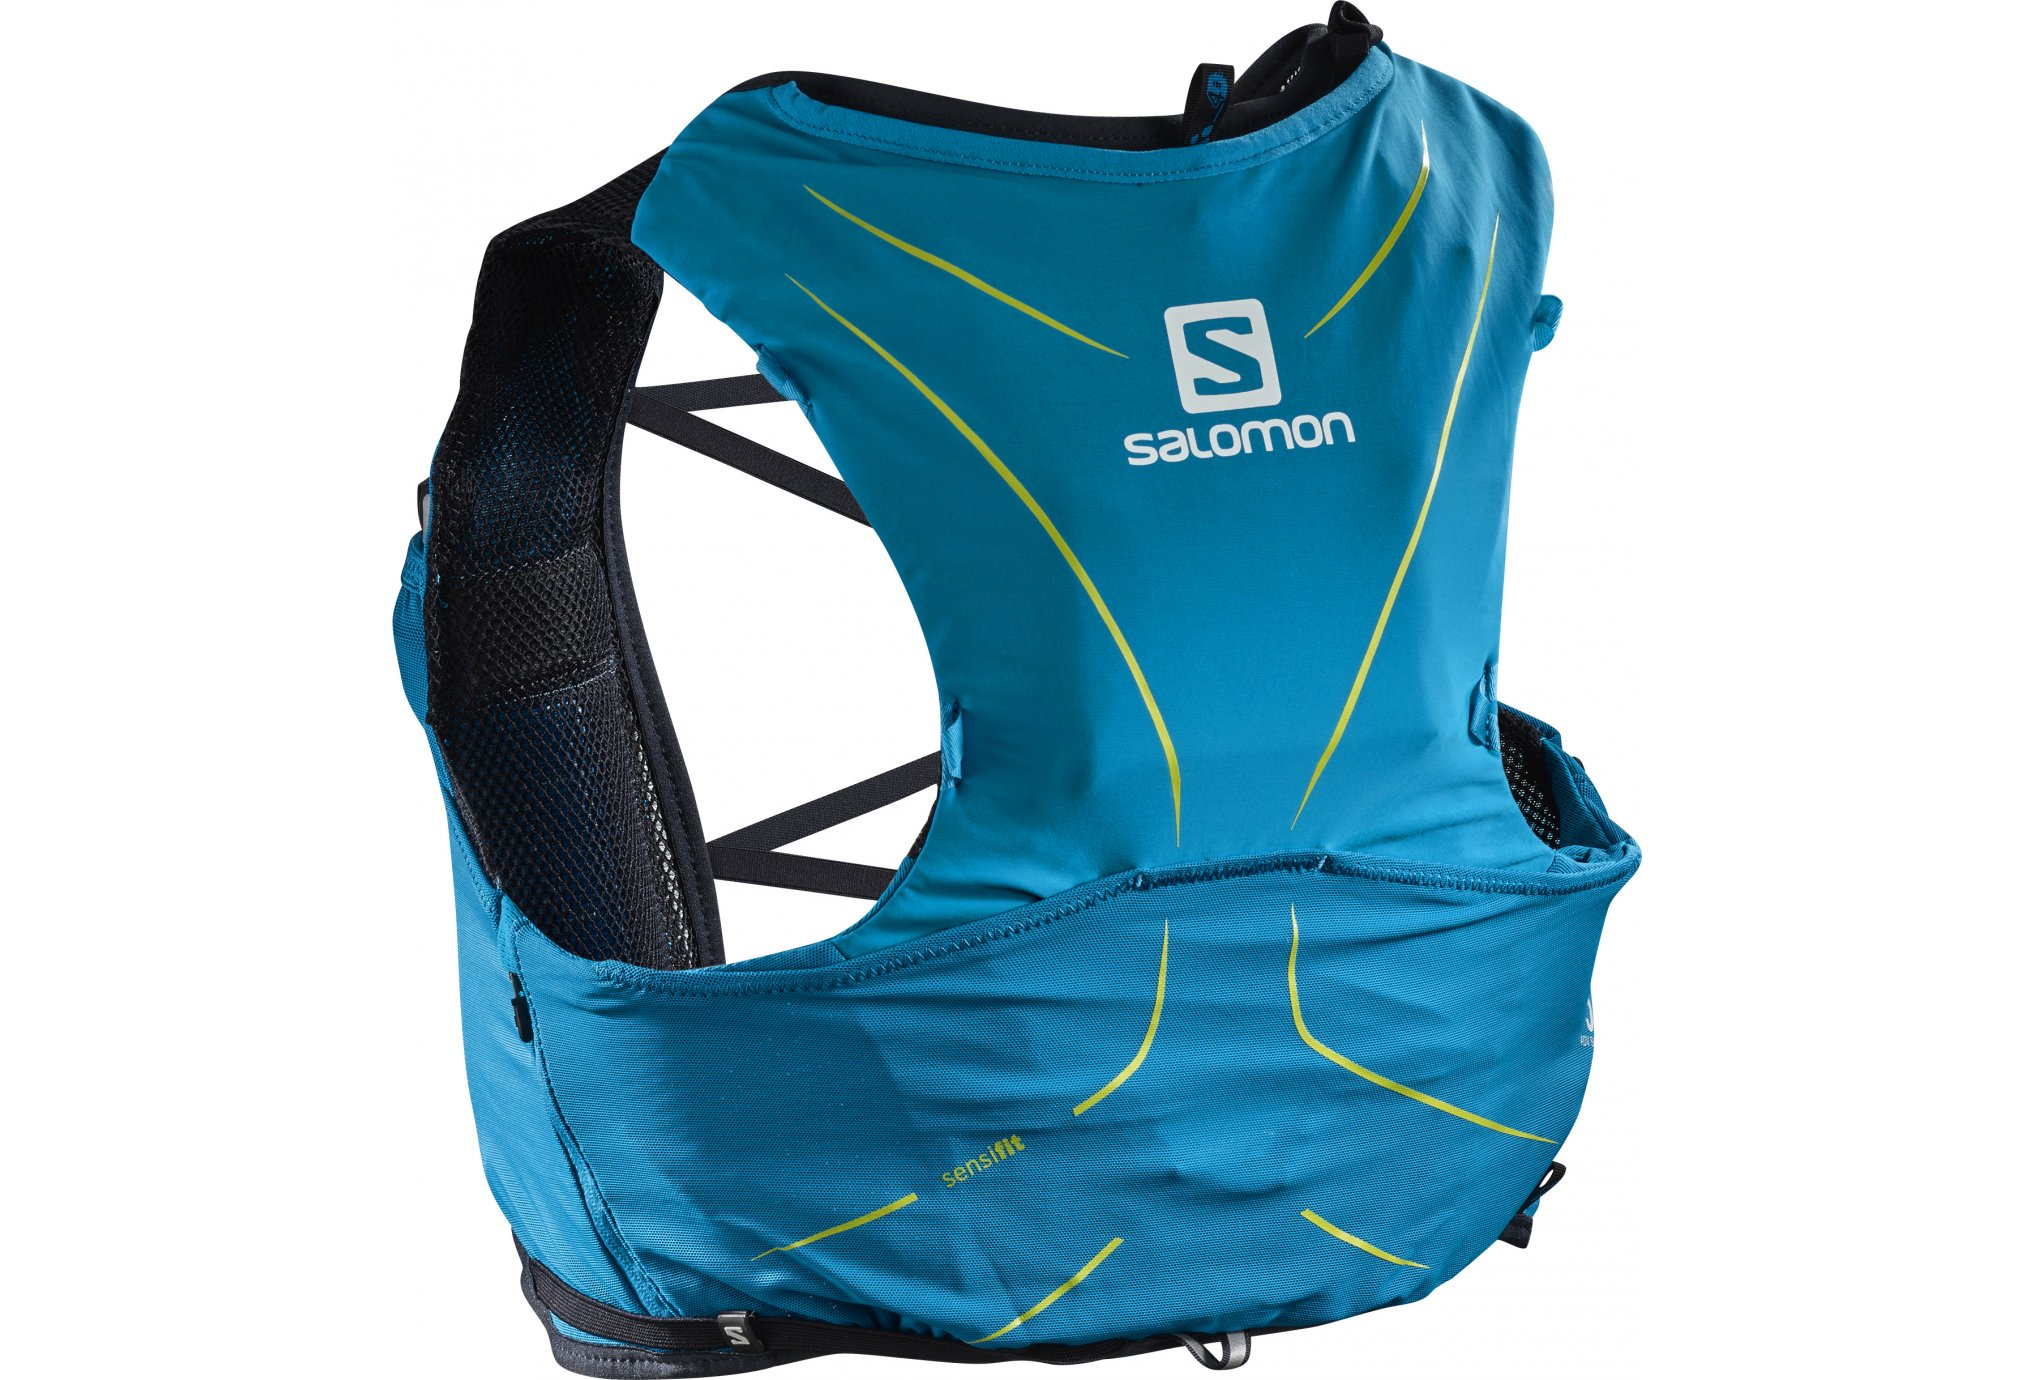 meilleures baskets 26702 fed94 Trail Session - Salomon ADV SKIN 5 SET Sac hydratation / Gourde